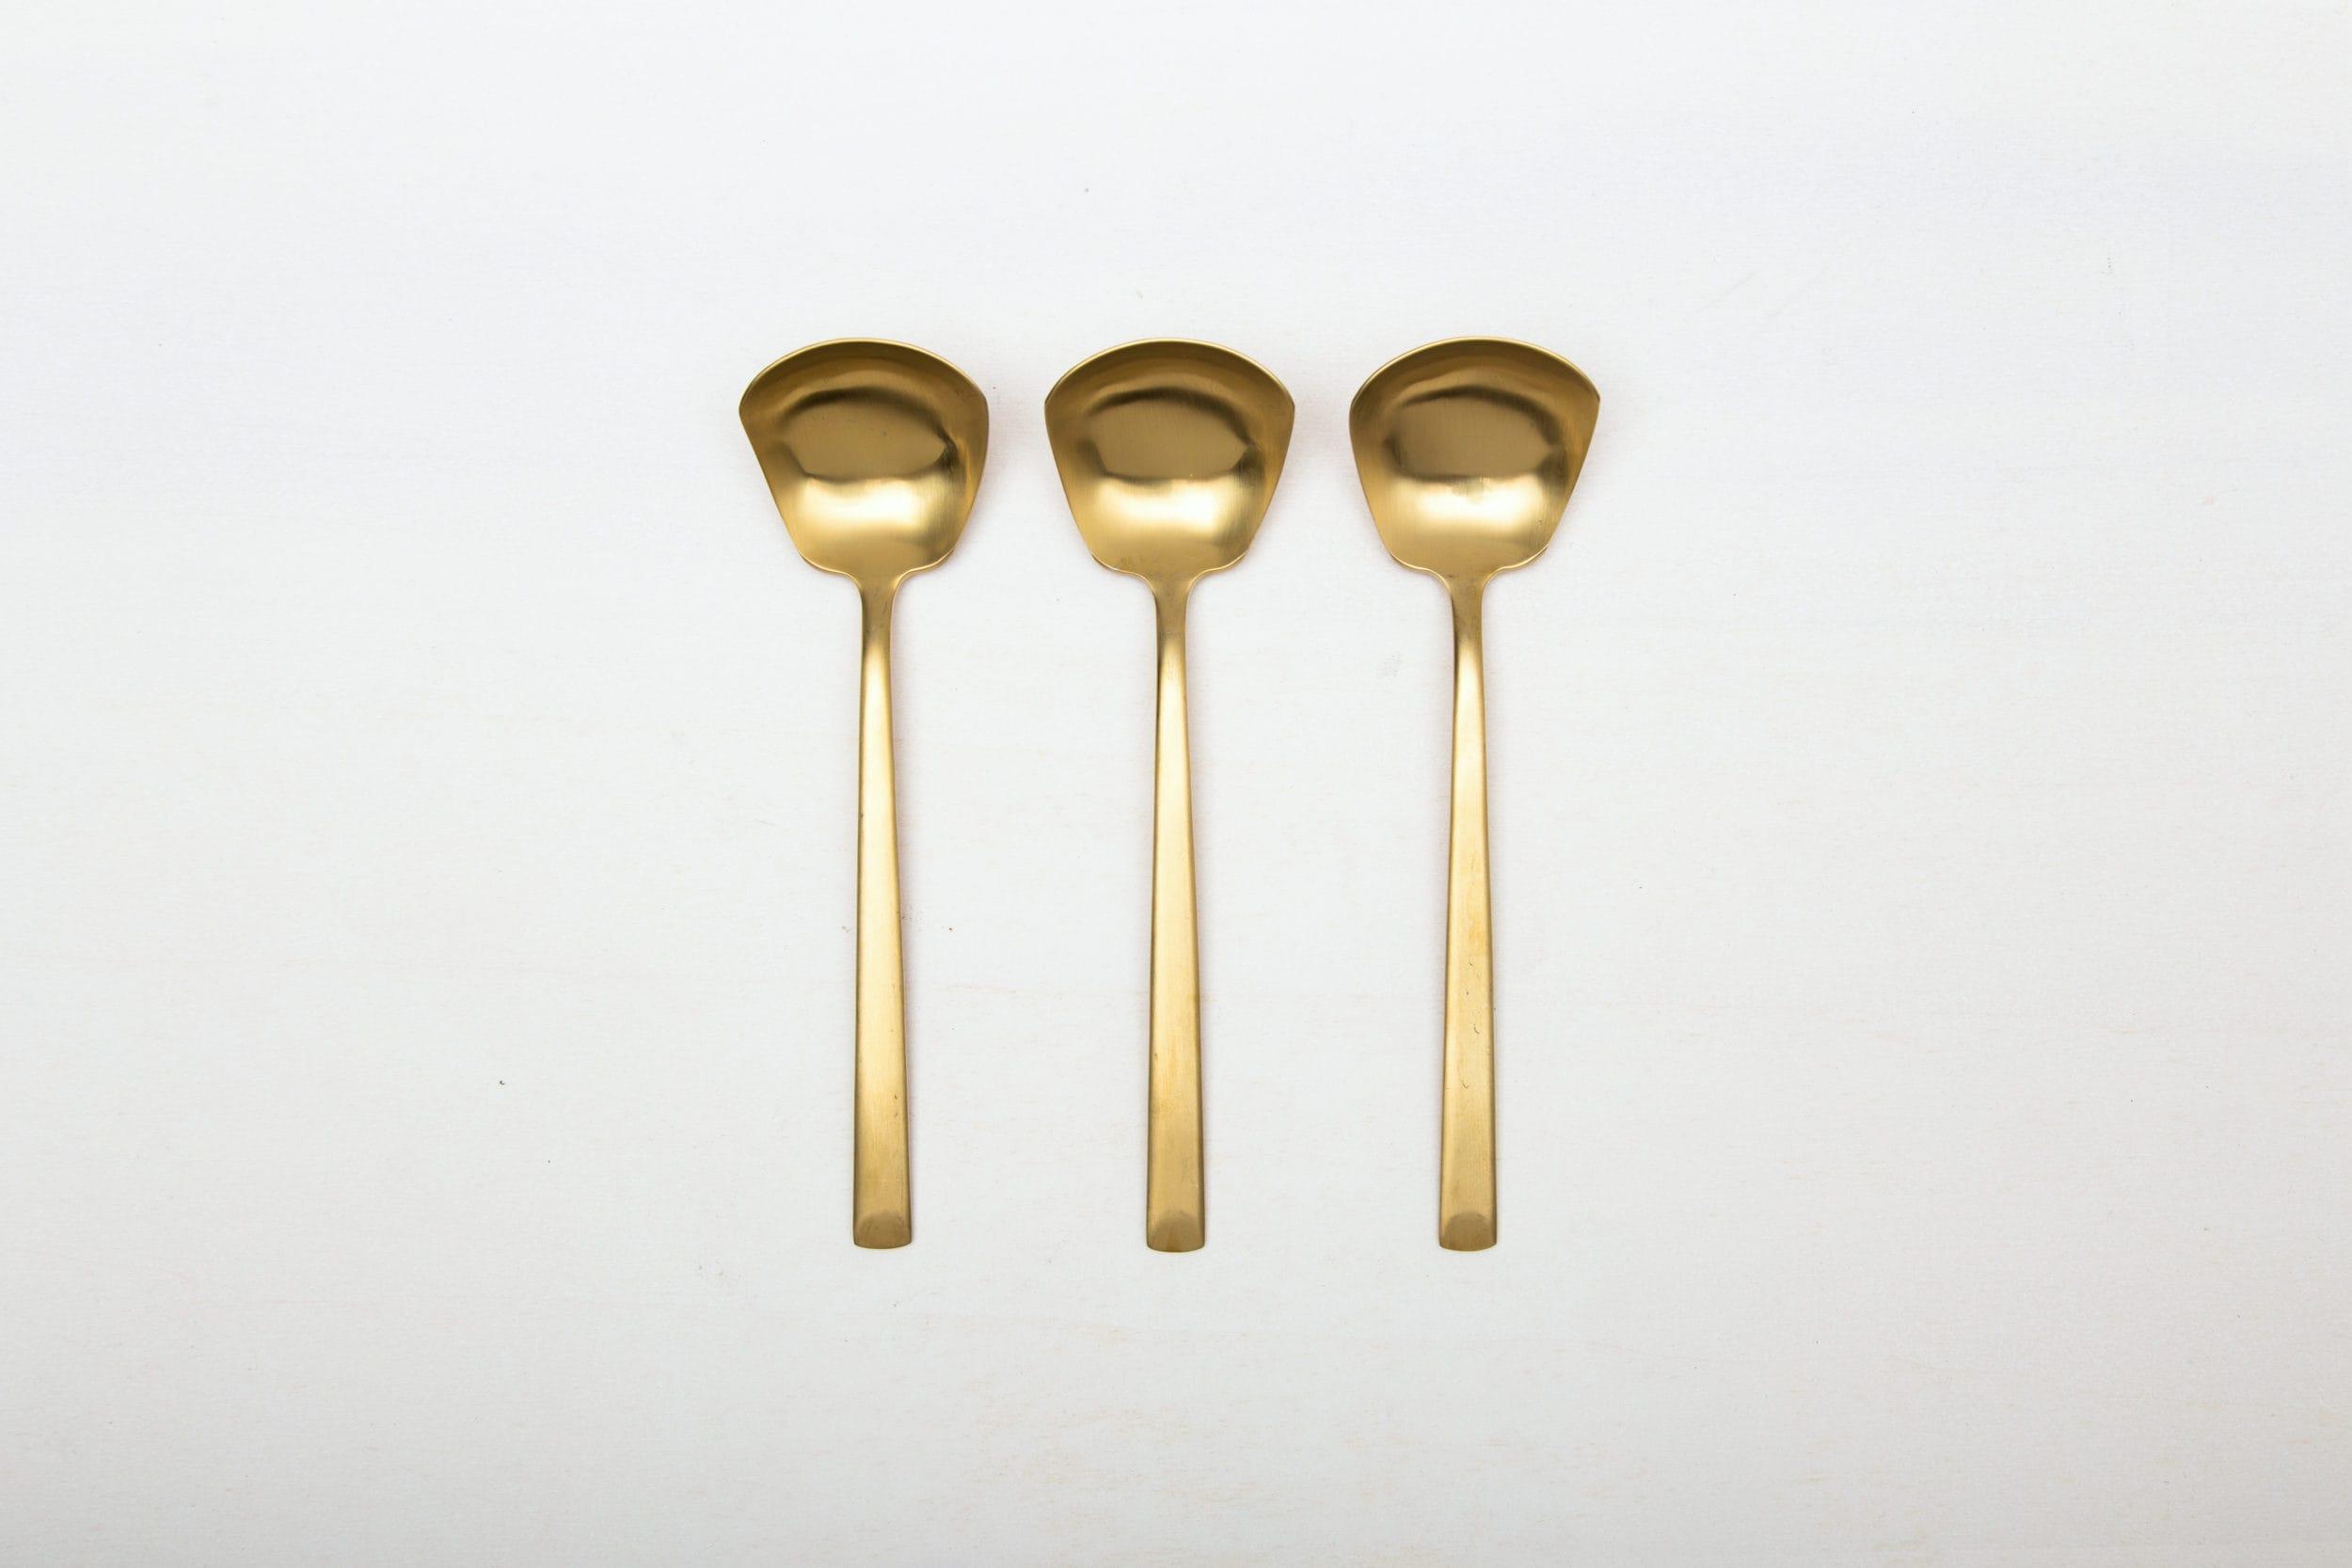 Saucenlöffel Ines Besteck Gold Matt | Mit der Besteckserie Ines vermieten wir herrlich, matt goldenes Edelstahlbesteck. Das Besteck hat eine schöne Haptik und sieht zu unterschiedlichen Events gleichermaßen gut aus. Ob auf einem bunten Tisch mit kräftigen Farben kombiniert, einer eleganten, minimalistischen Hochzeit oder einem stylischen Business Dinner - unser matt goldenes Besteck Ines ist eine ausgzeichnete Wahl für Deinen Event. Miete die Saucenlöffel Ines, um in Ergänzung mit dem goldenen Besteck, Deine Gäste zu begeistern. Passend zu den matt goldenen Saucenlöffeln Ines bieten wir auch vintage Geschirr und vintage Servierschüsseln im Verleih an. | gotvintage Rental & Event Design